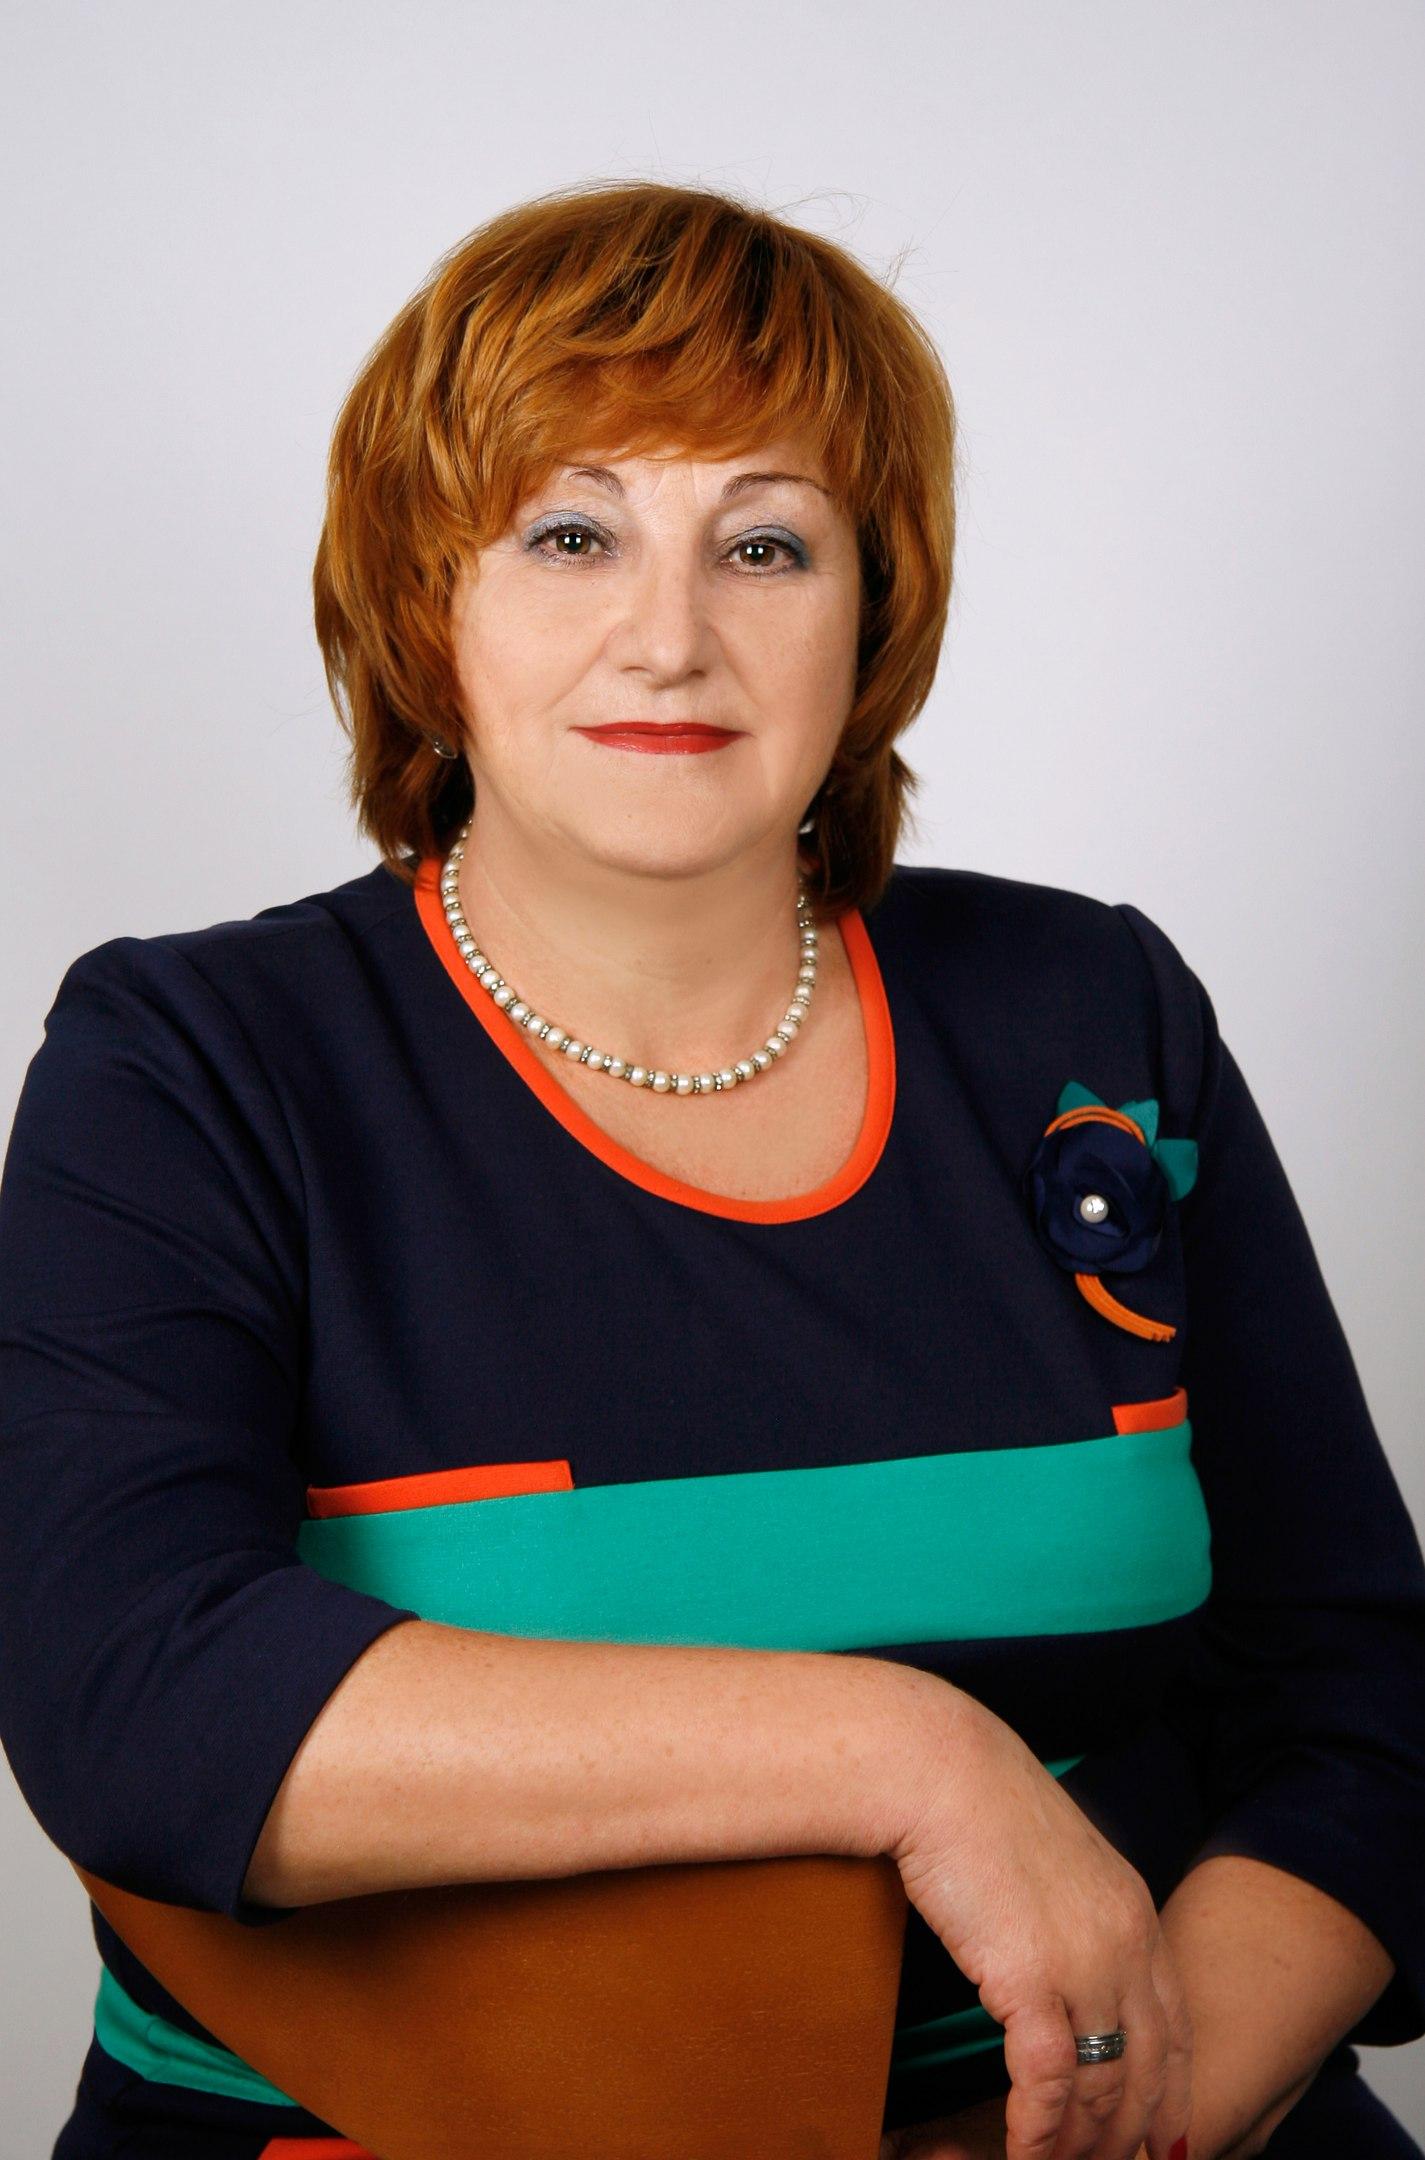 Елена Соколовская: Руководители органов управления образования всех уровней должны обратить внимание на условия труда, зарплаты и нагрузку педагогов